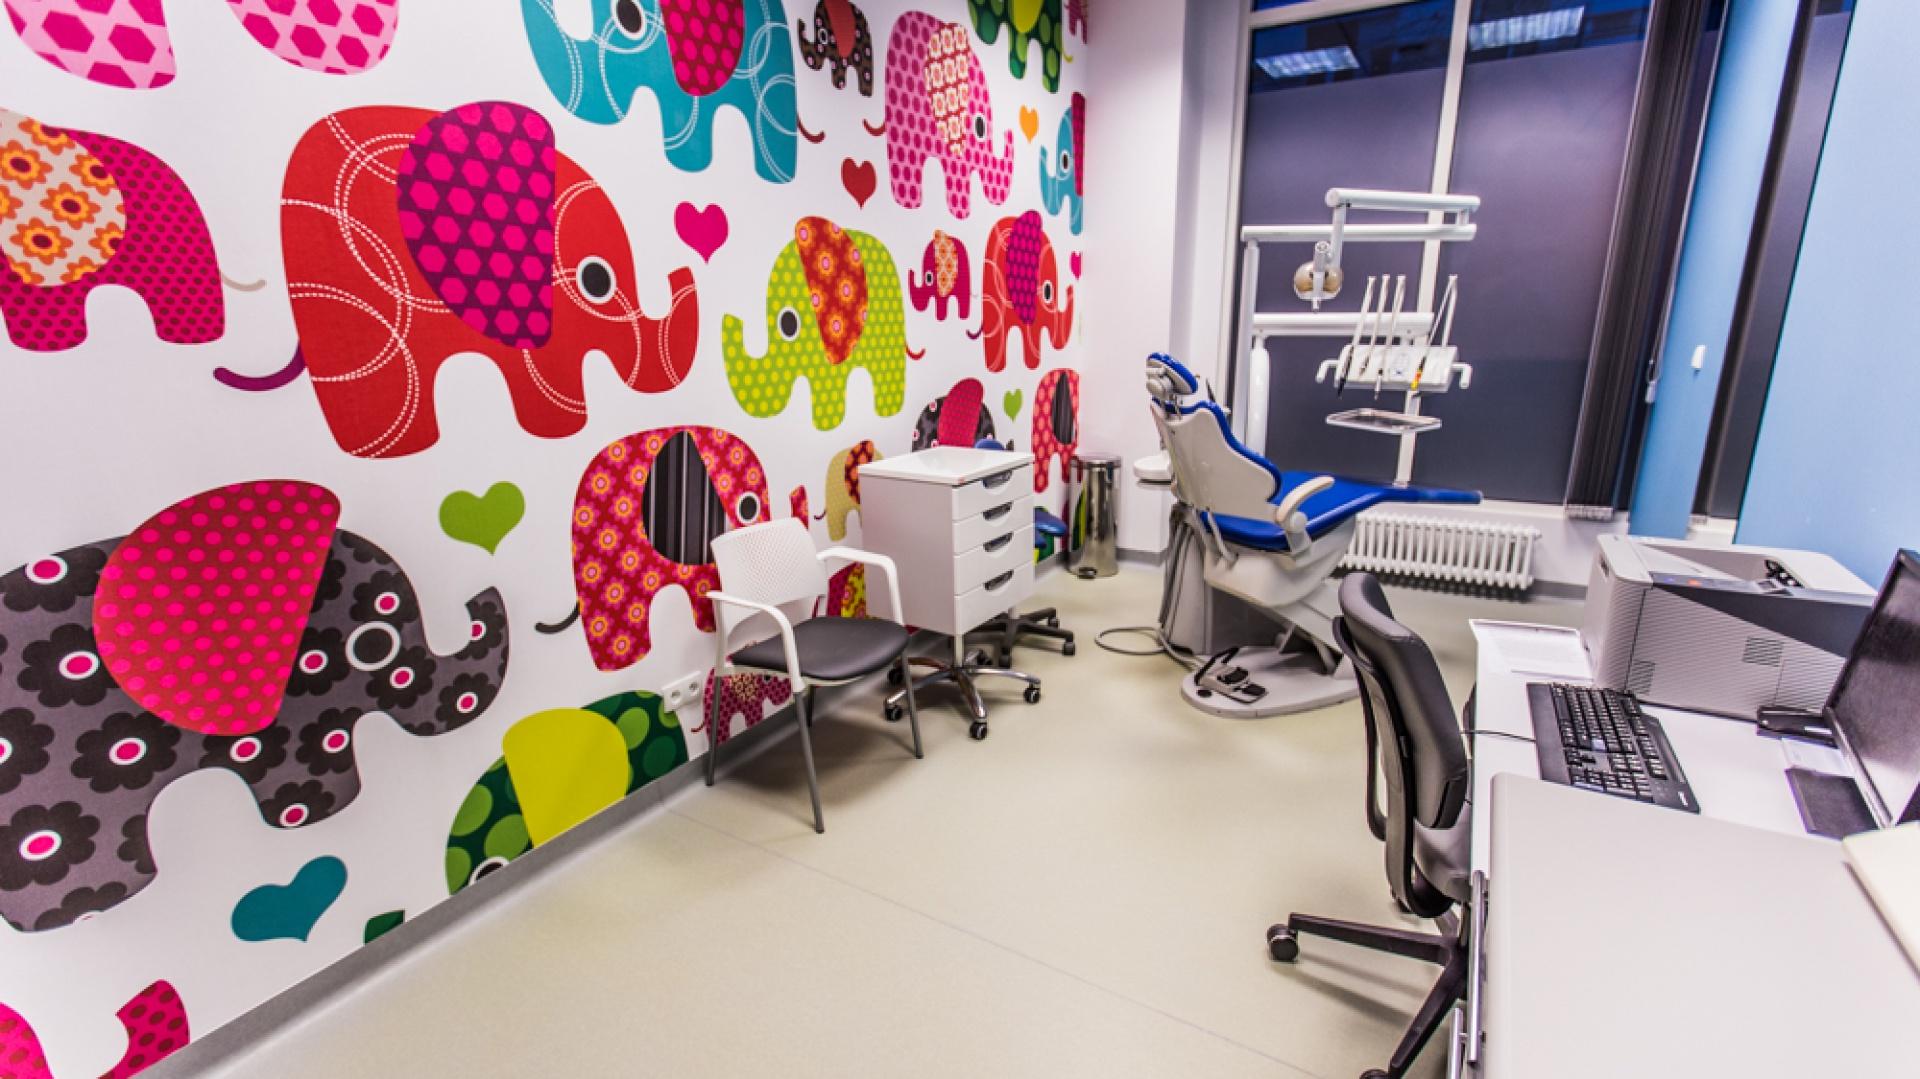 Elementem wyróżniającym poszczególne gabinety są kolory foteli dentystycznych, charakterystyczne dla wybranych specjalizacji. Na ścianach pojawiły się fototapety z wielkoformatowymi zdjęciami dmuchawców. Fot. Forbis Group